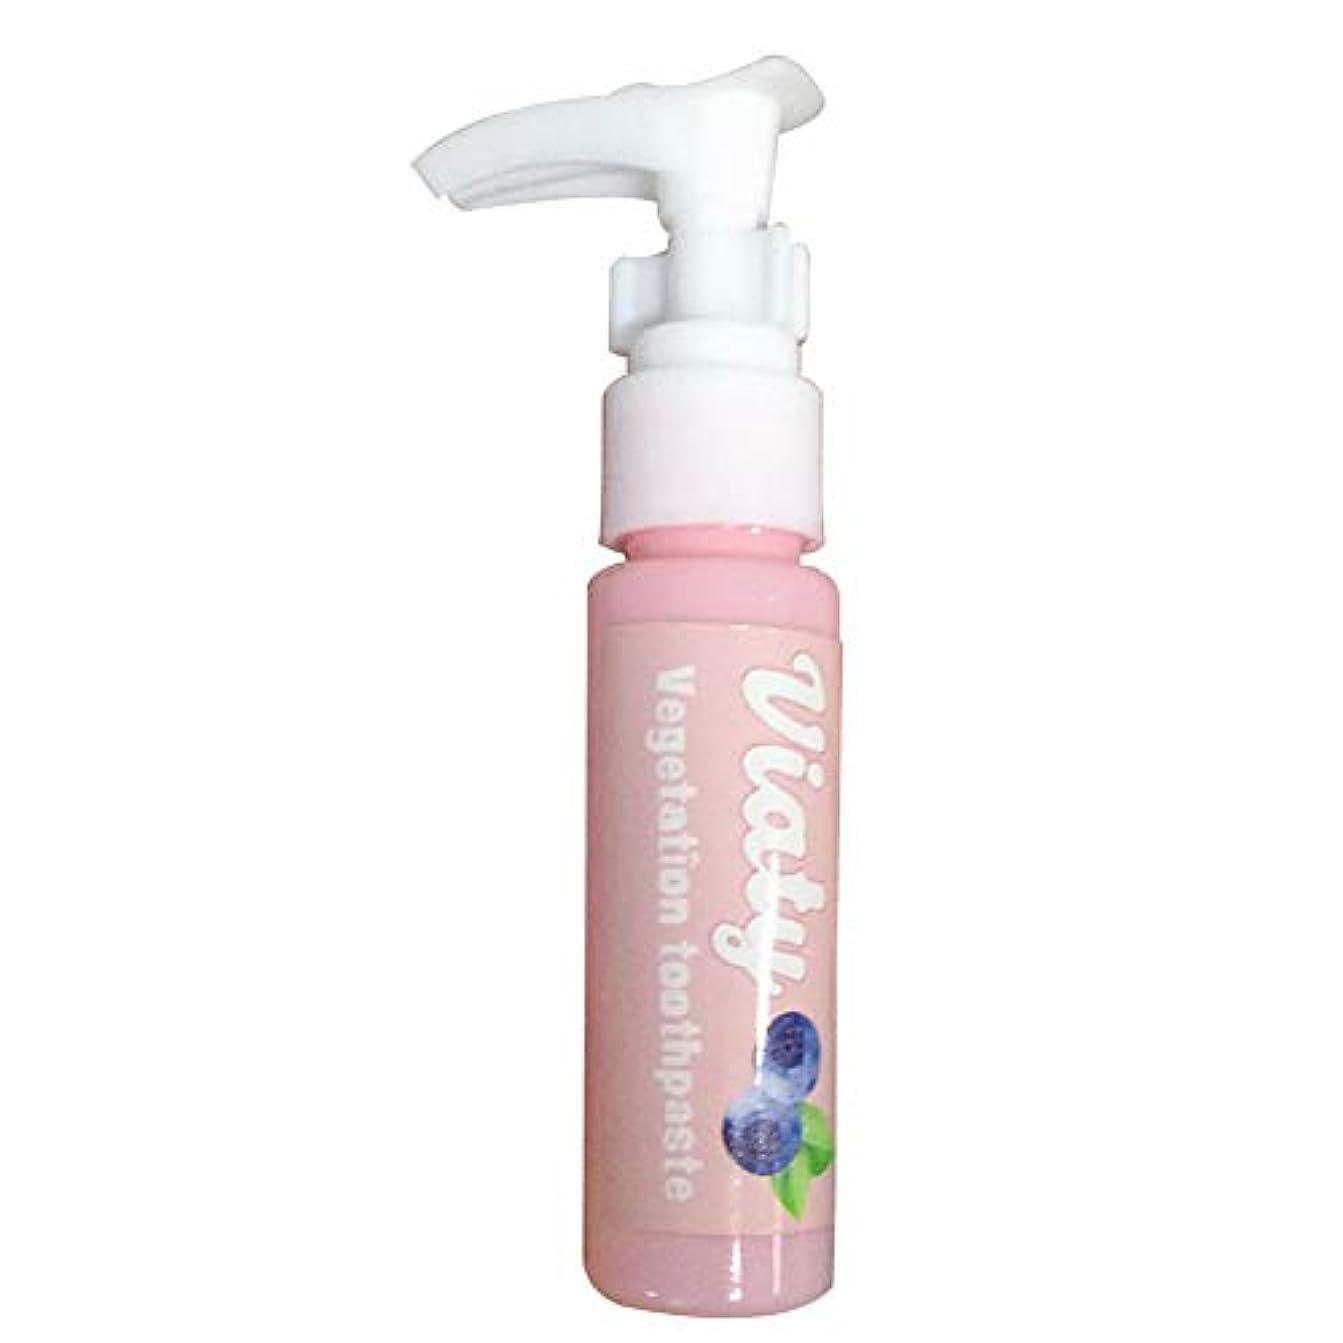 ウェイトレス学期完璧なJanusSaja歯磨き粉を押す旅行ベーキングソーダを白くする装置のフルーティーなベーキングソーダ歯磨き粉